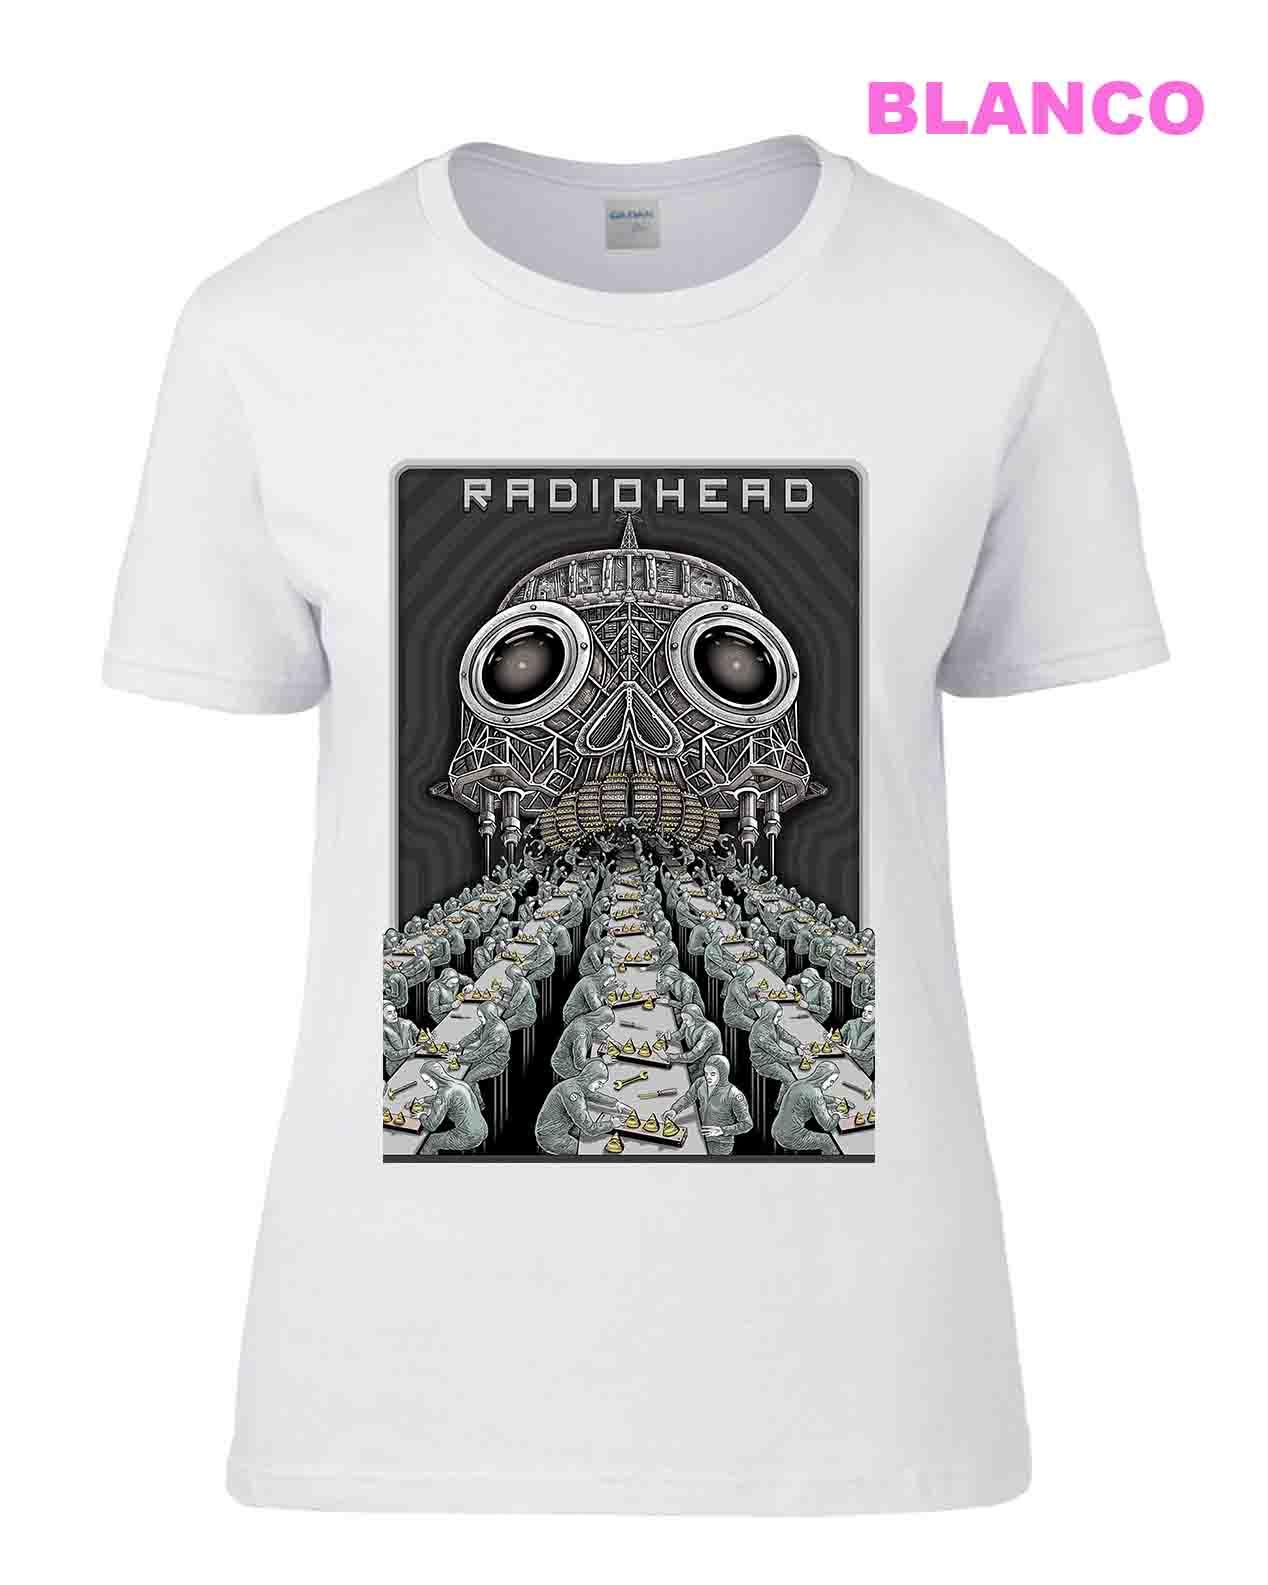 Radiohead - Illuminatus